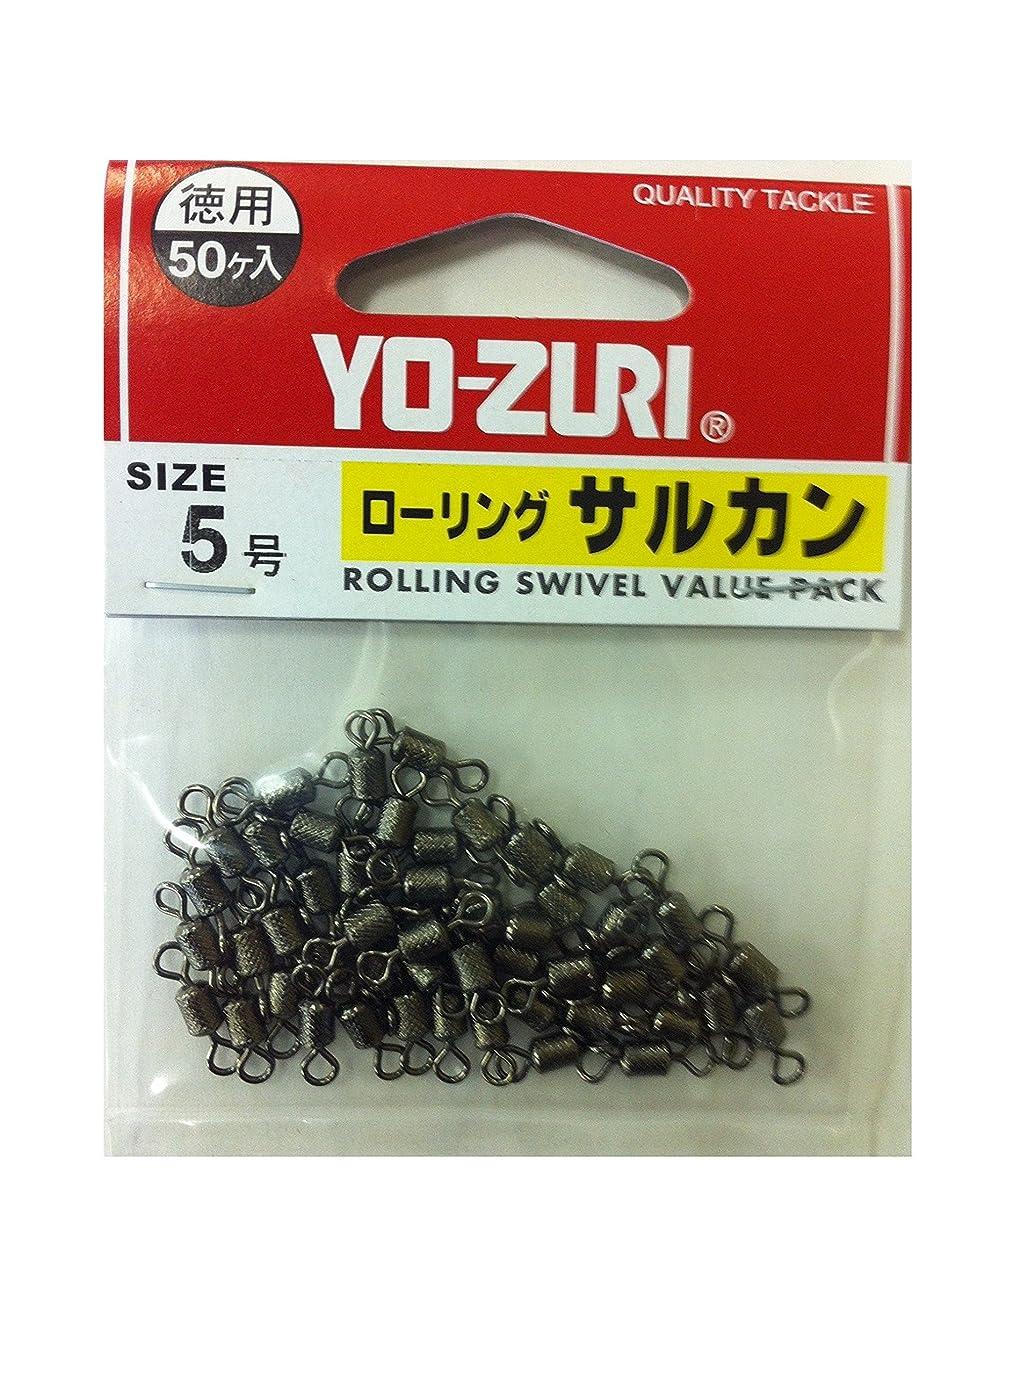 独立ディレイ発言するYO-ZURI(ヨーヅリ) 雑品?小物: ローリングサルカン徳用 黒 1号~8号